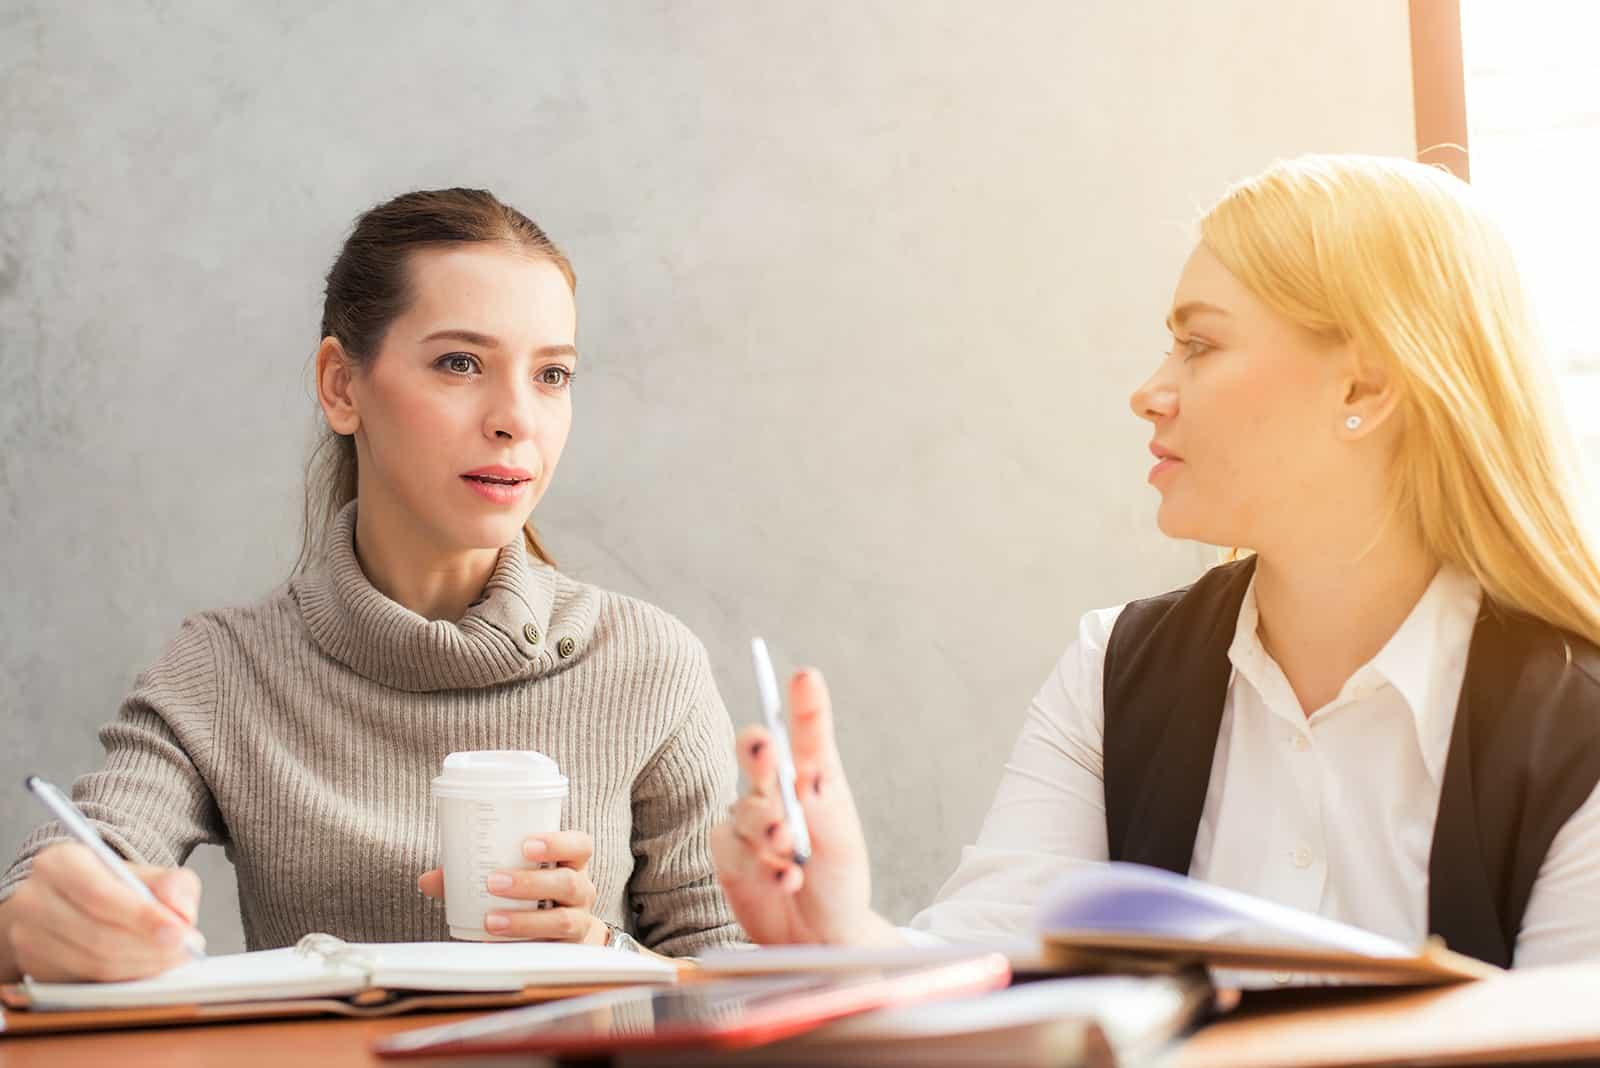 une femme pensive parlant avec une collègue tout en travaillant ensemble